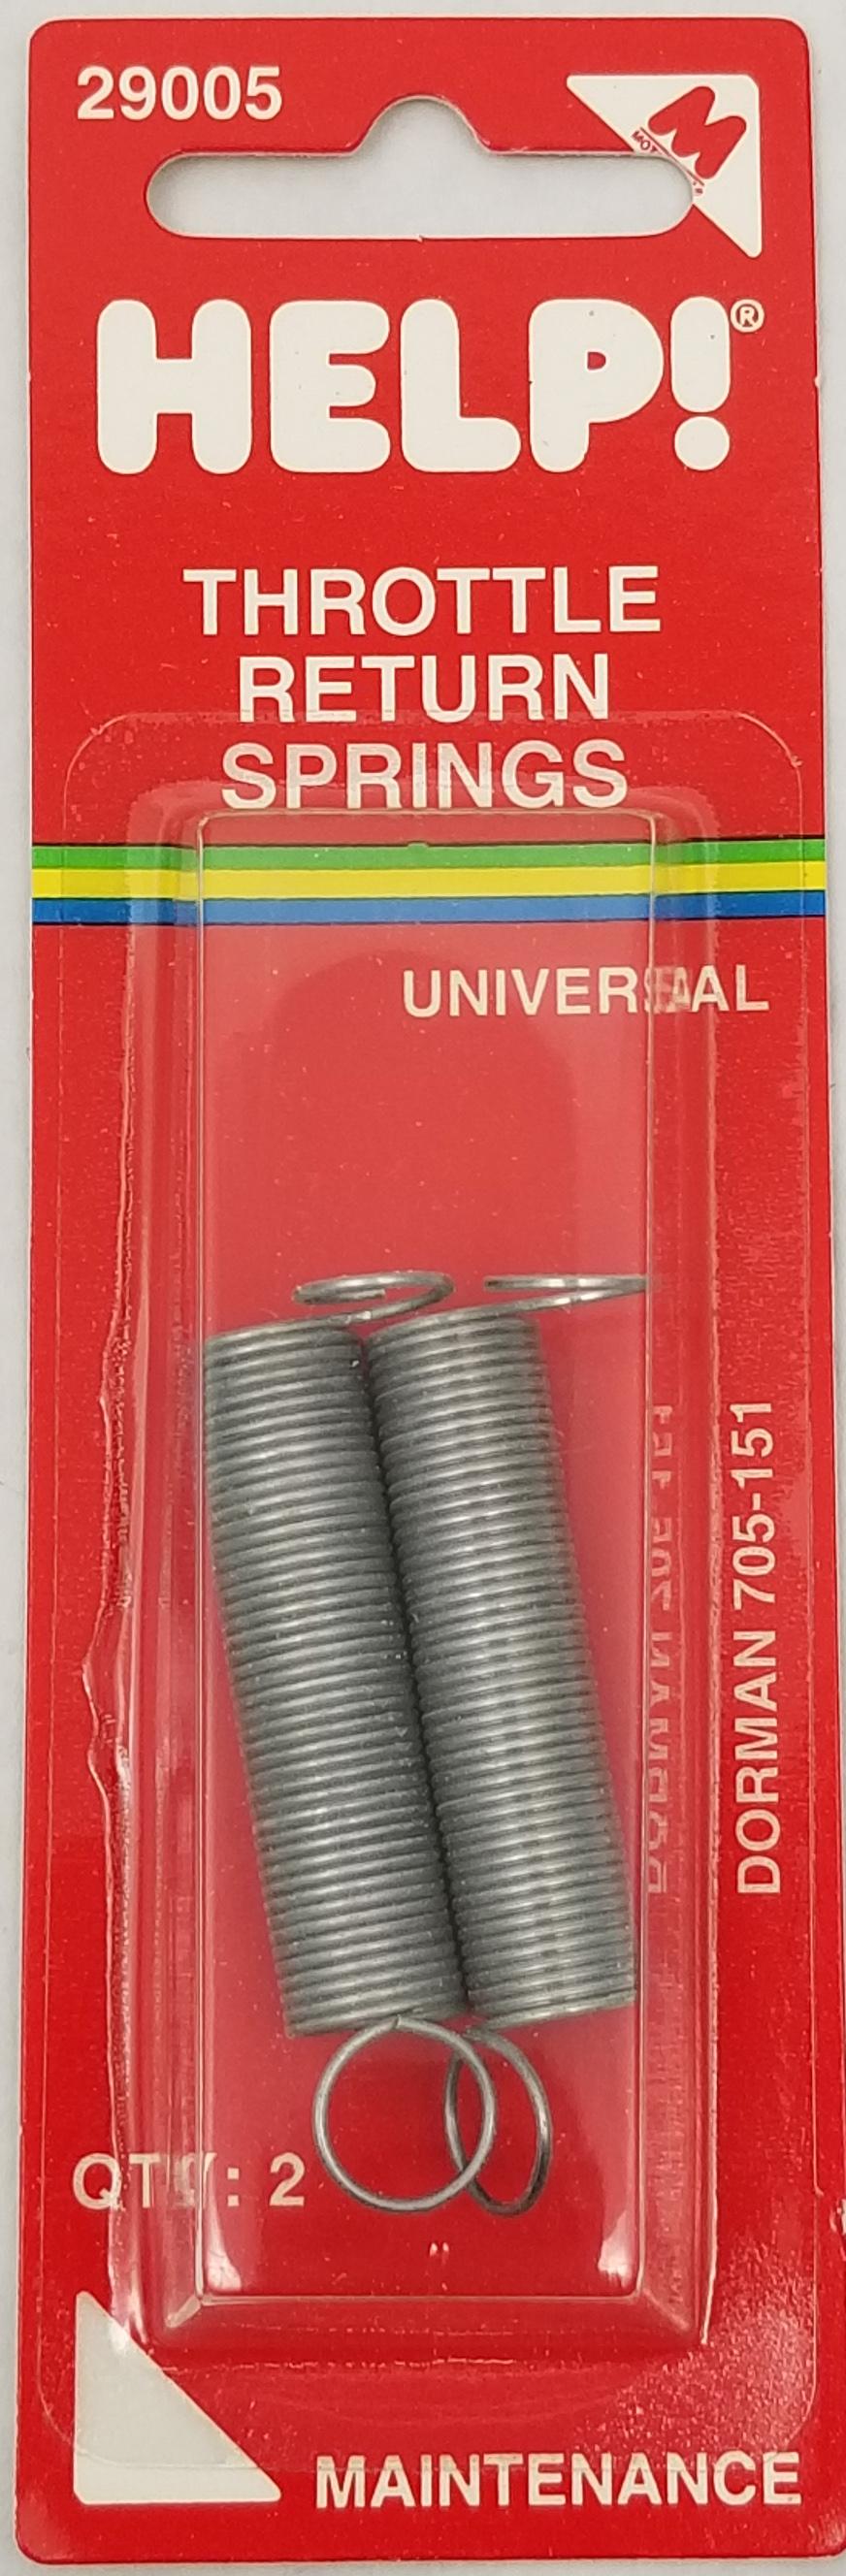 05529005 - Universal Throttle Return Spring